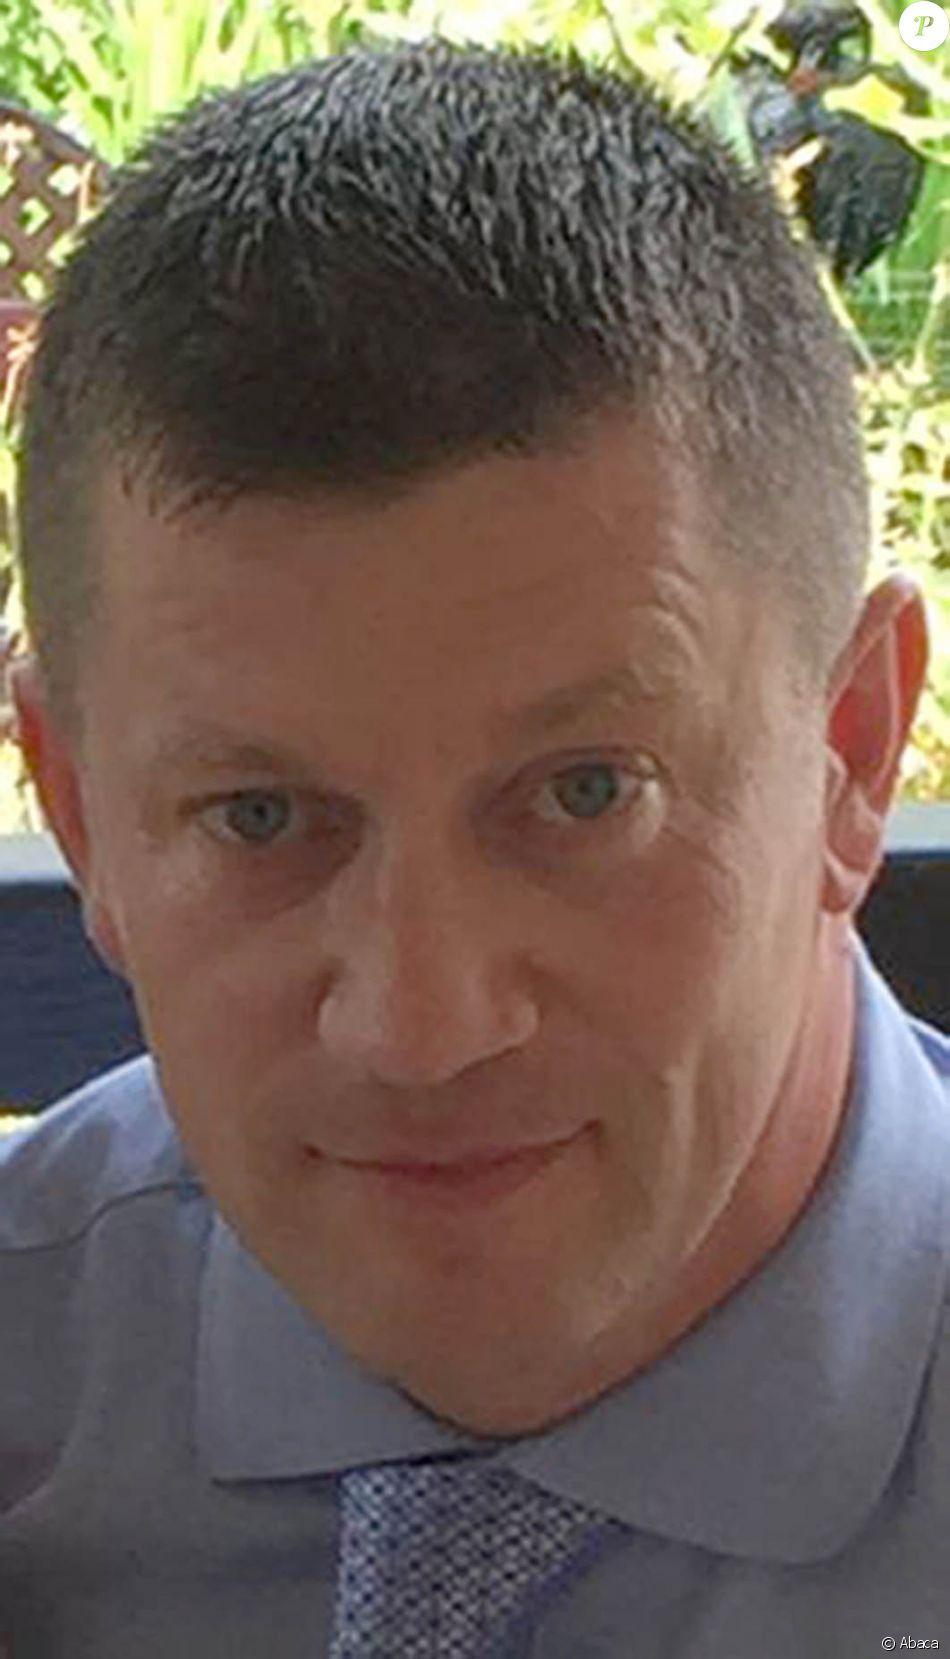 L'officier de police Keith Palmer qui a été tue lors de l'attentat survenu à la House of Parliament, Londres, le 22 mars 2017.